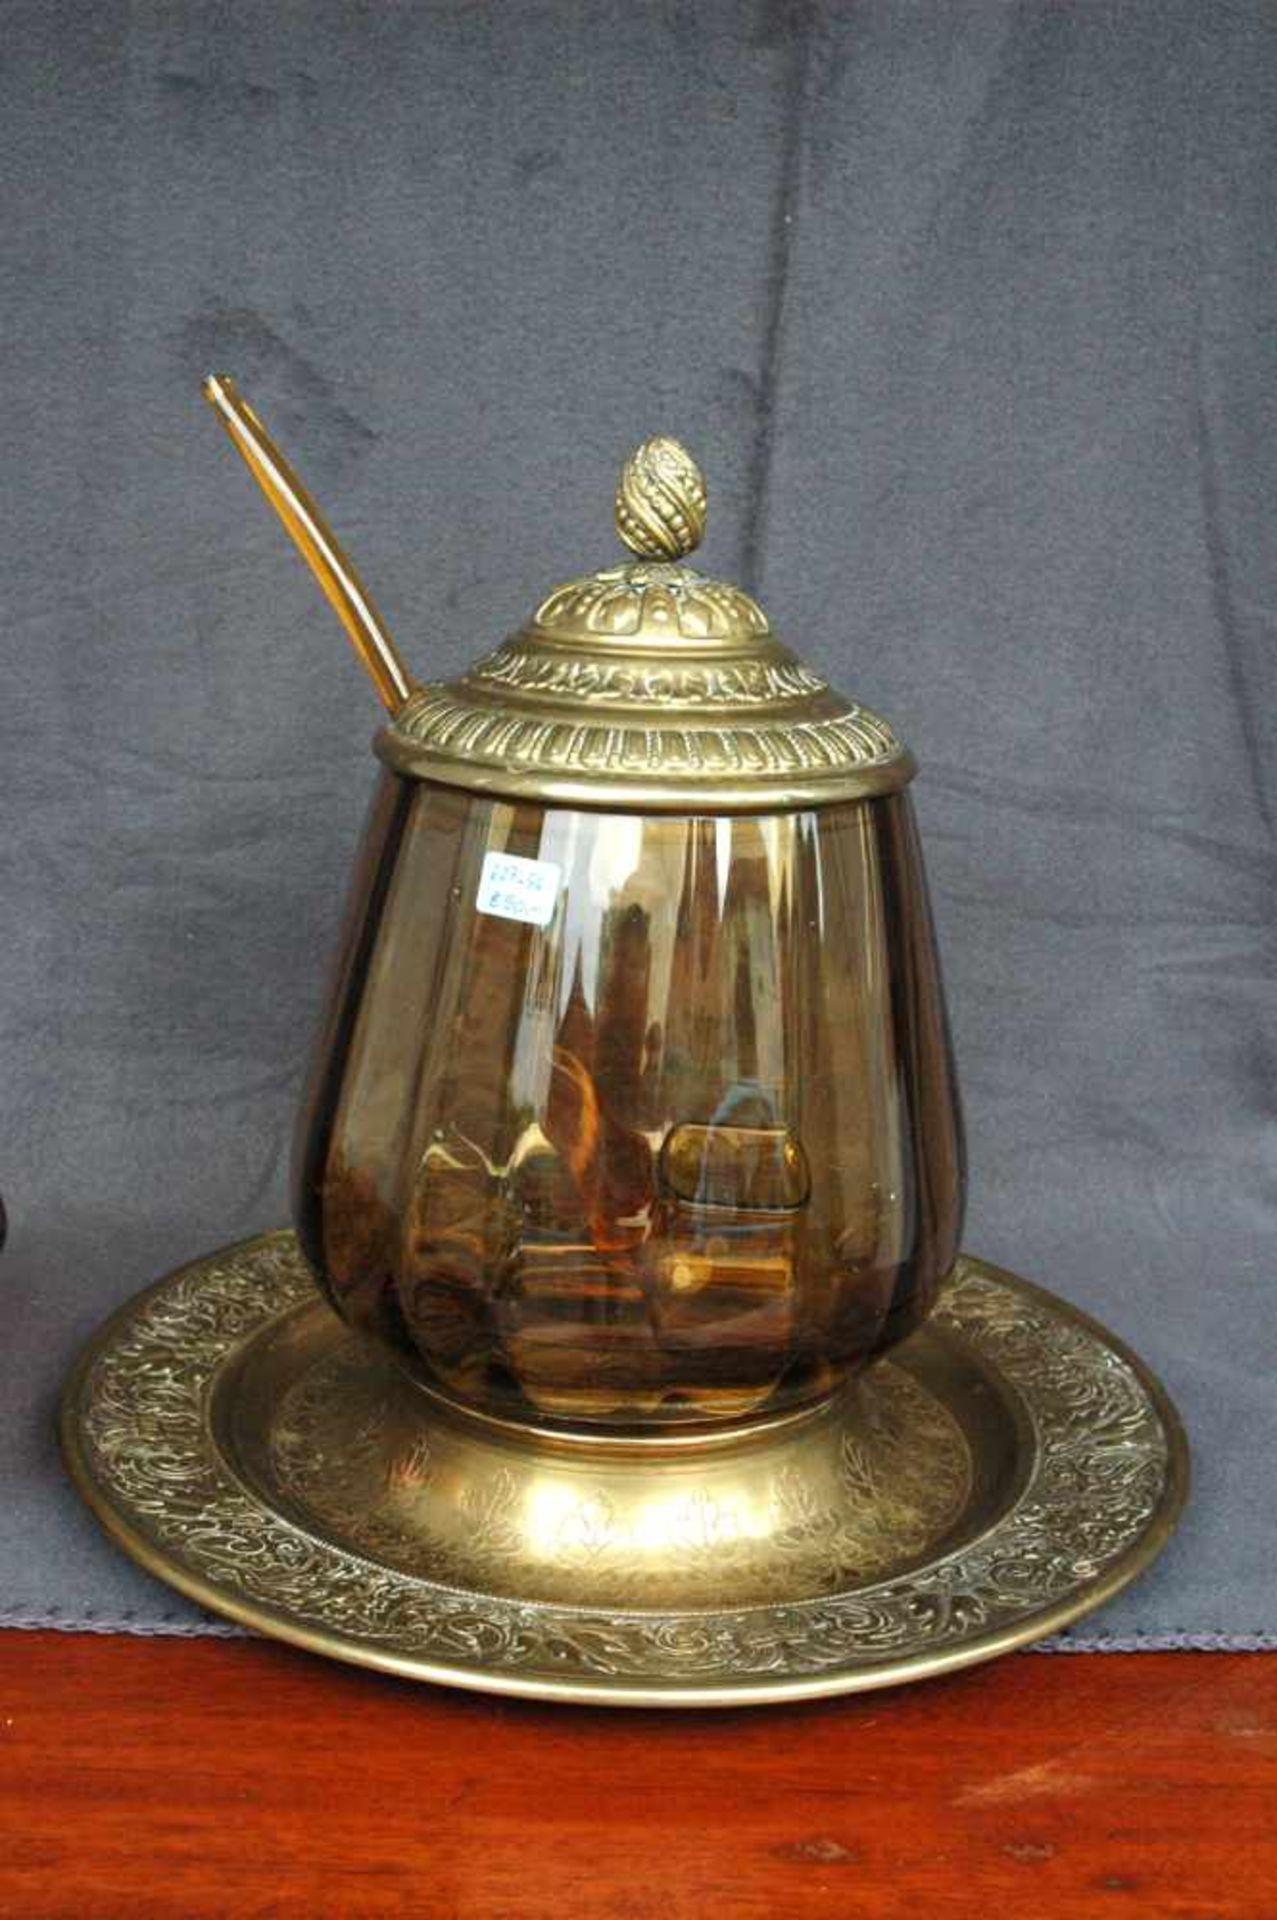 Bowlengefäß, Messing, bernsteinfarbenes Glas mit vier Gläsern - Bild 3 aus 5